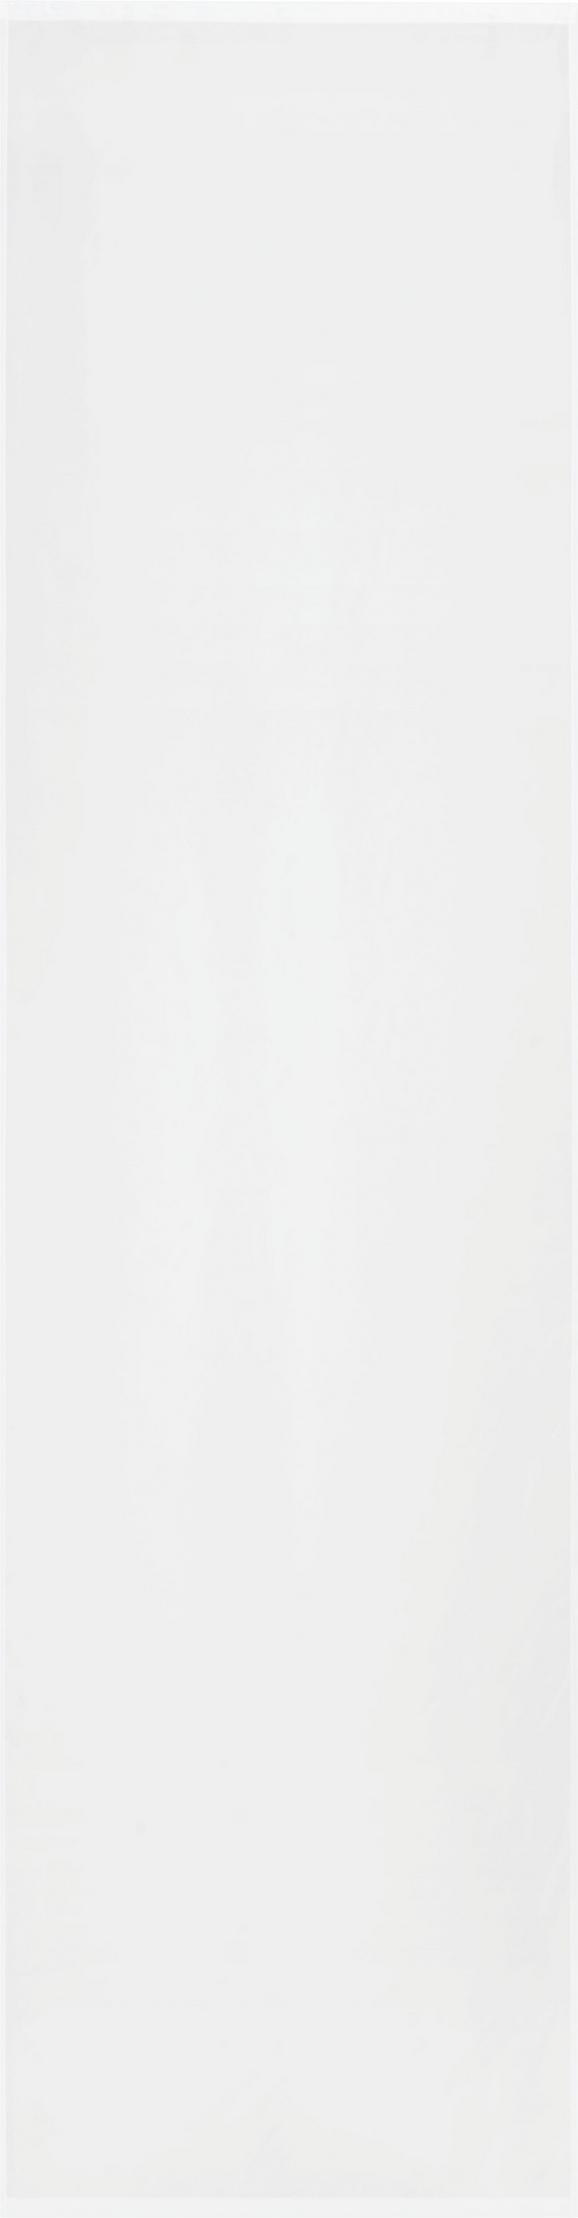 Flächenvorhang Flipp Weiß 60x245cm - Weiß, Textil (60/245cm) - Based